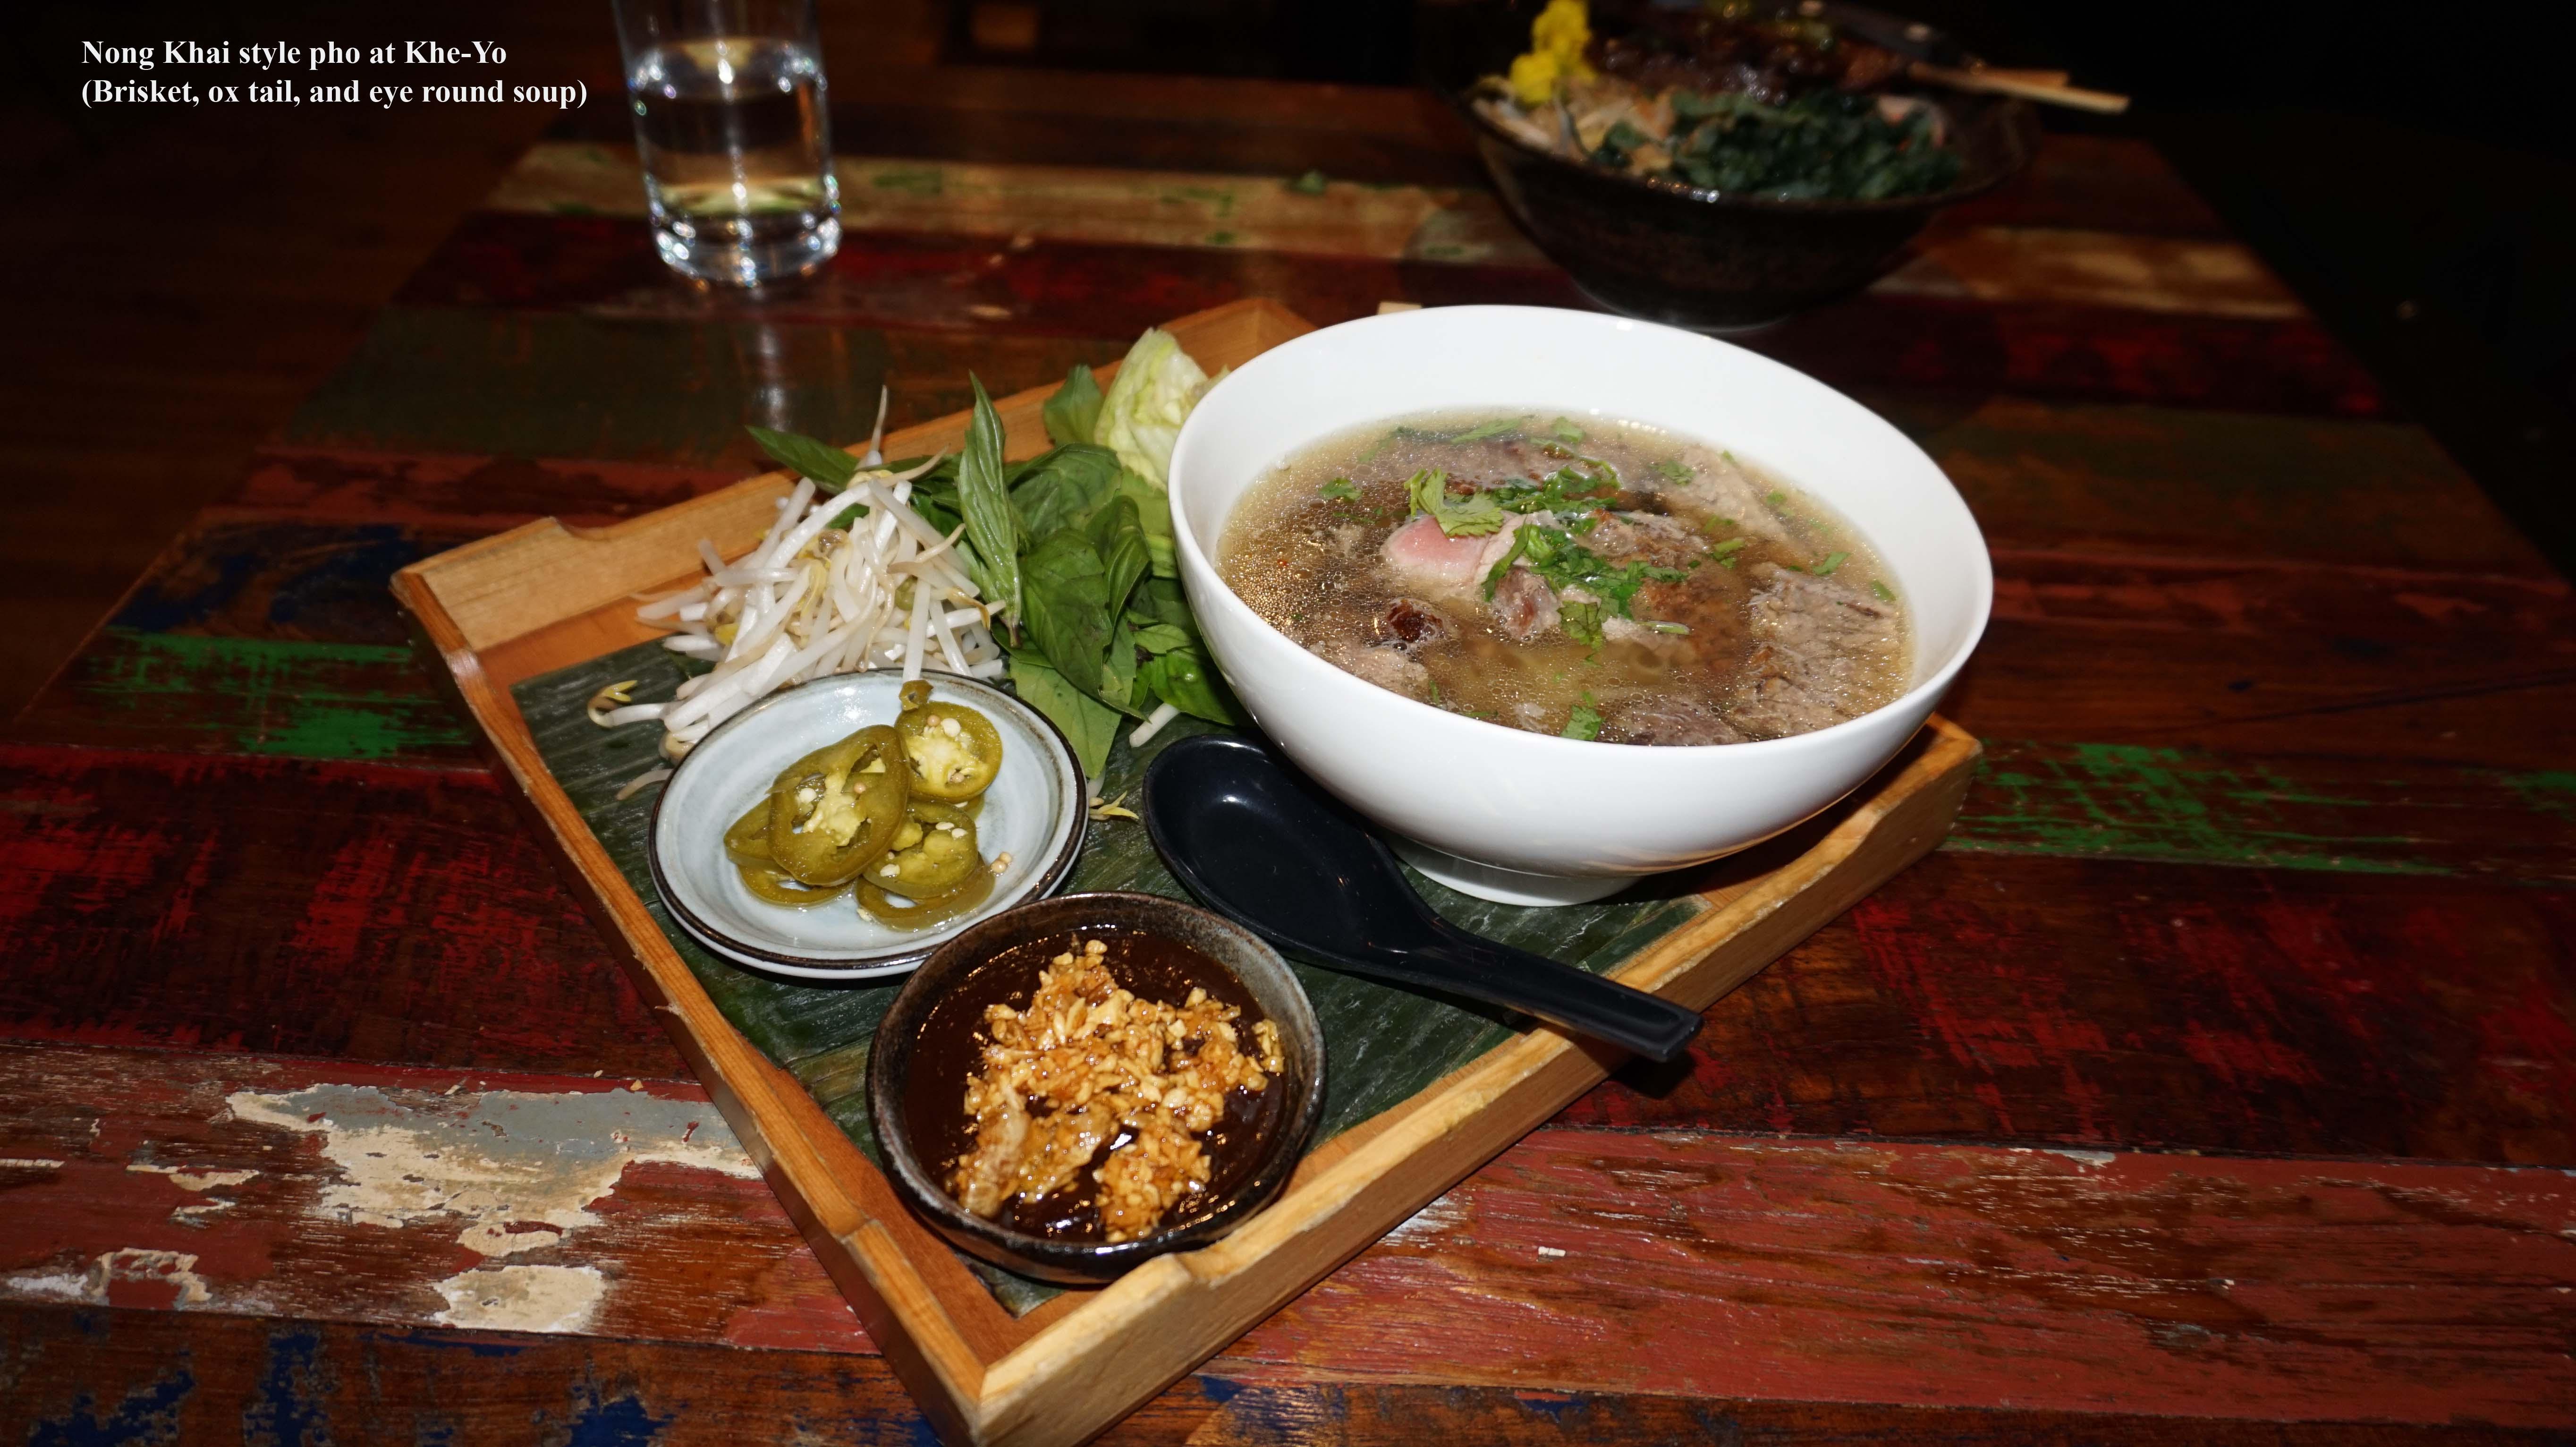 Beef soup Khw Yo